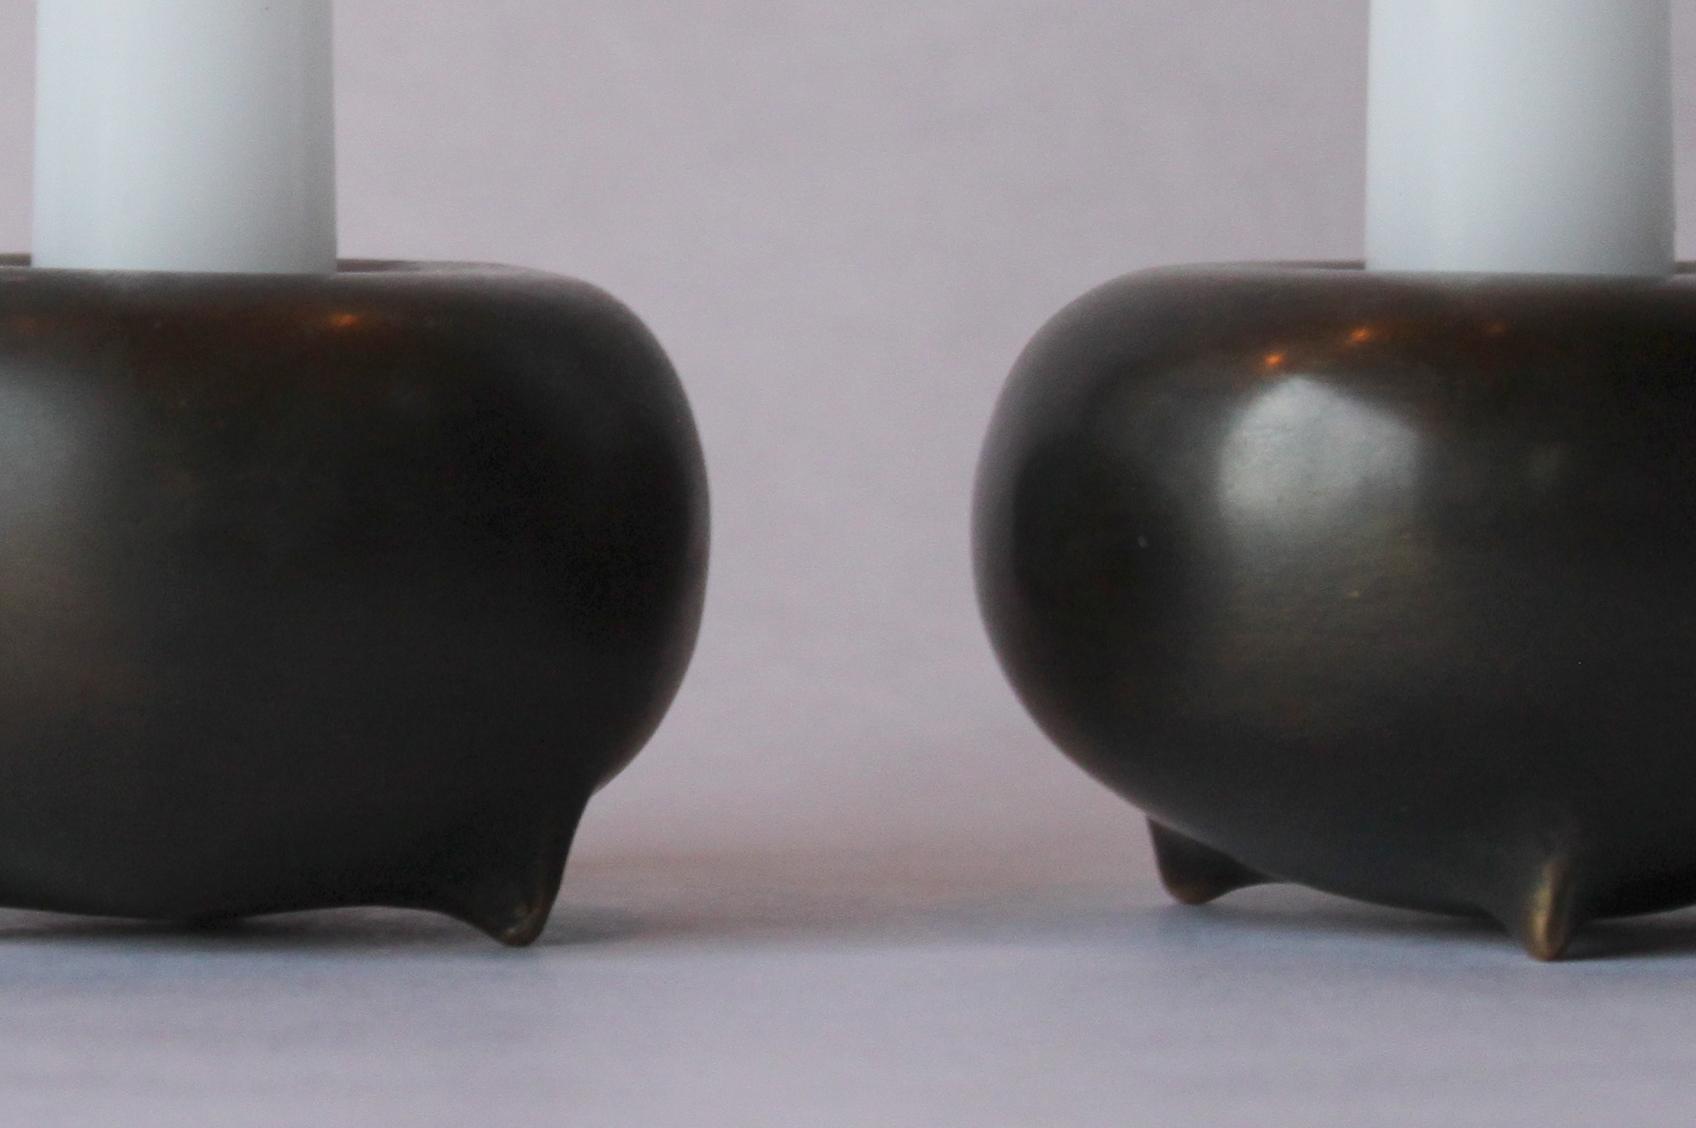 Donut Candlestick Detail.jpg